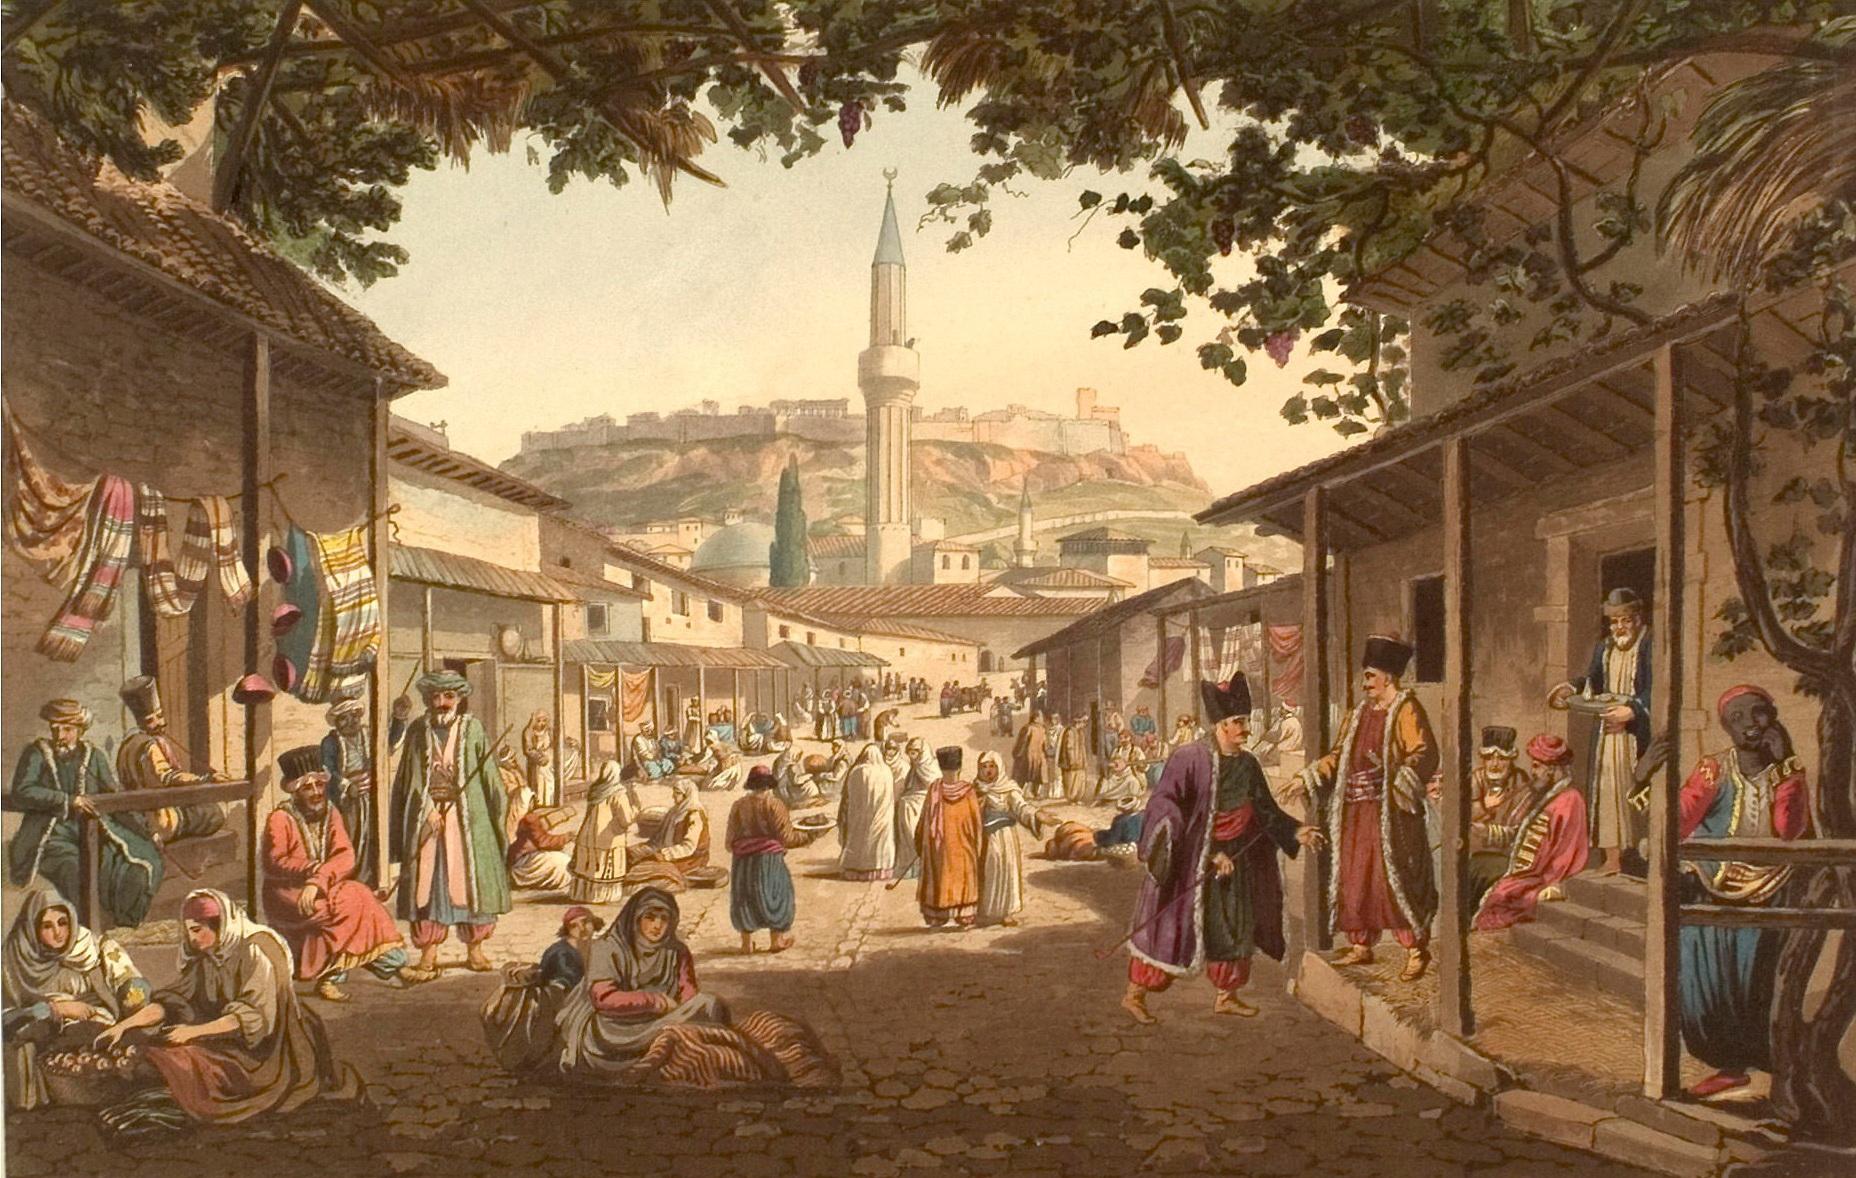 Об Османской империи второй половины XIX века